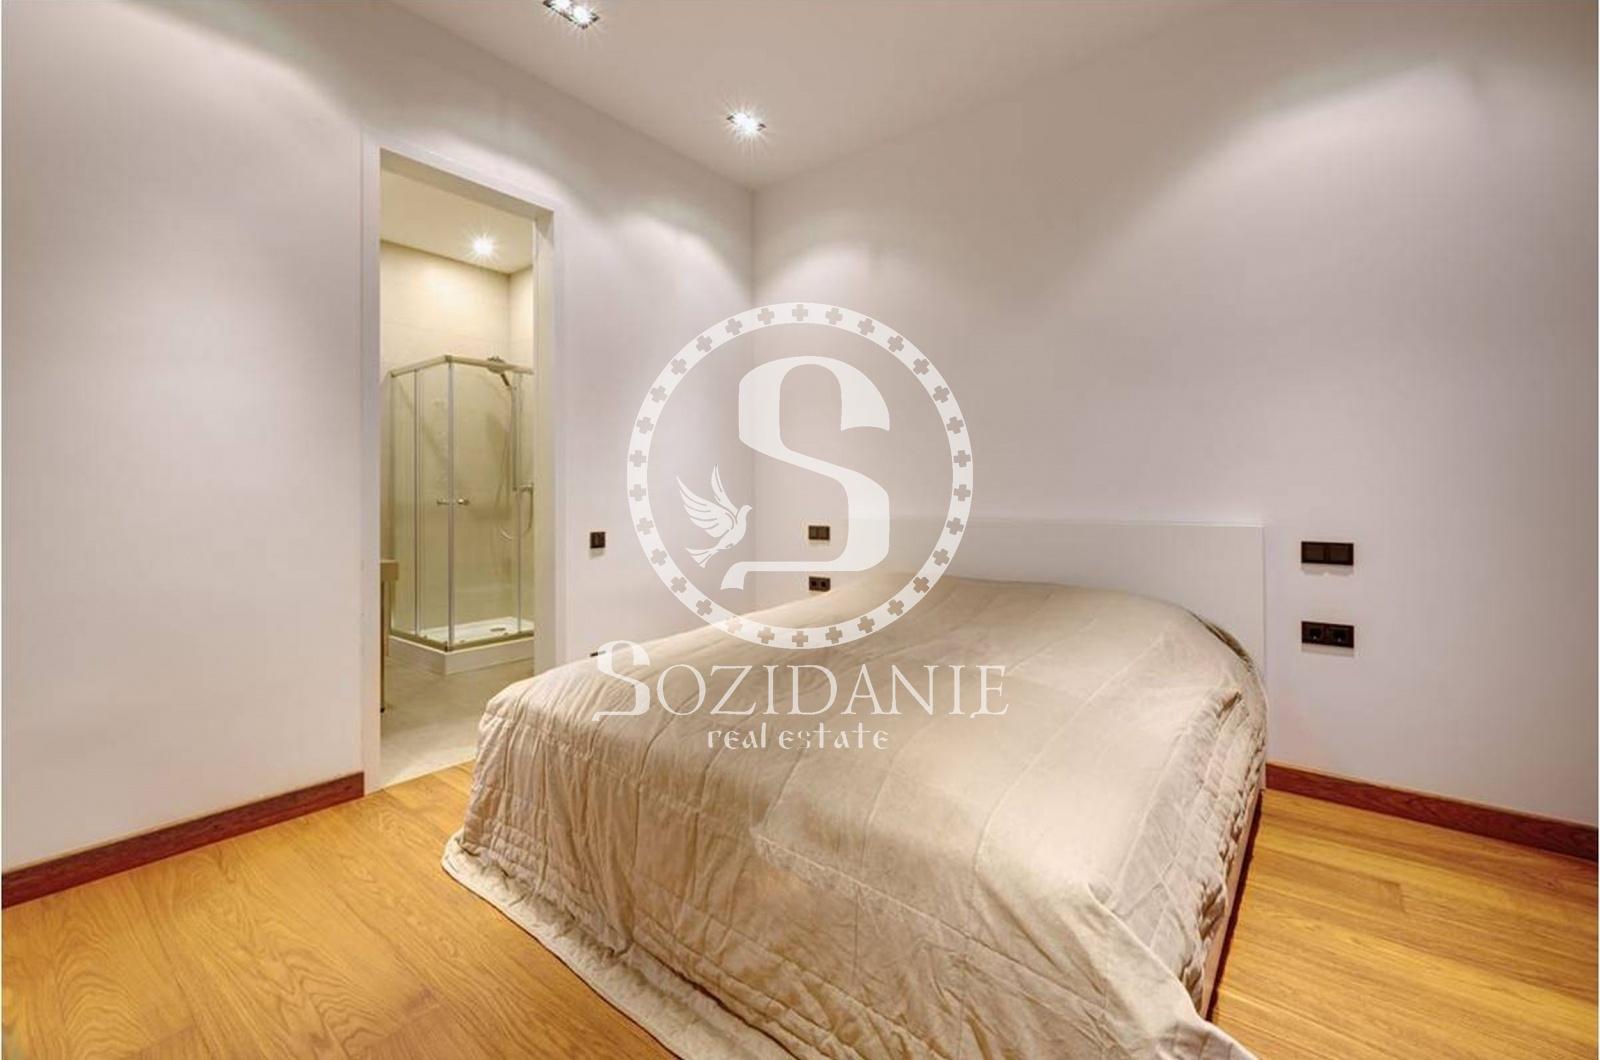 3 Bedrooms, Загородная, Продажа, Listing ID 1471, Московская область, Россия,